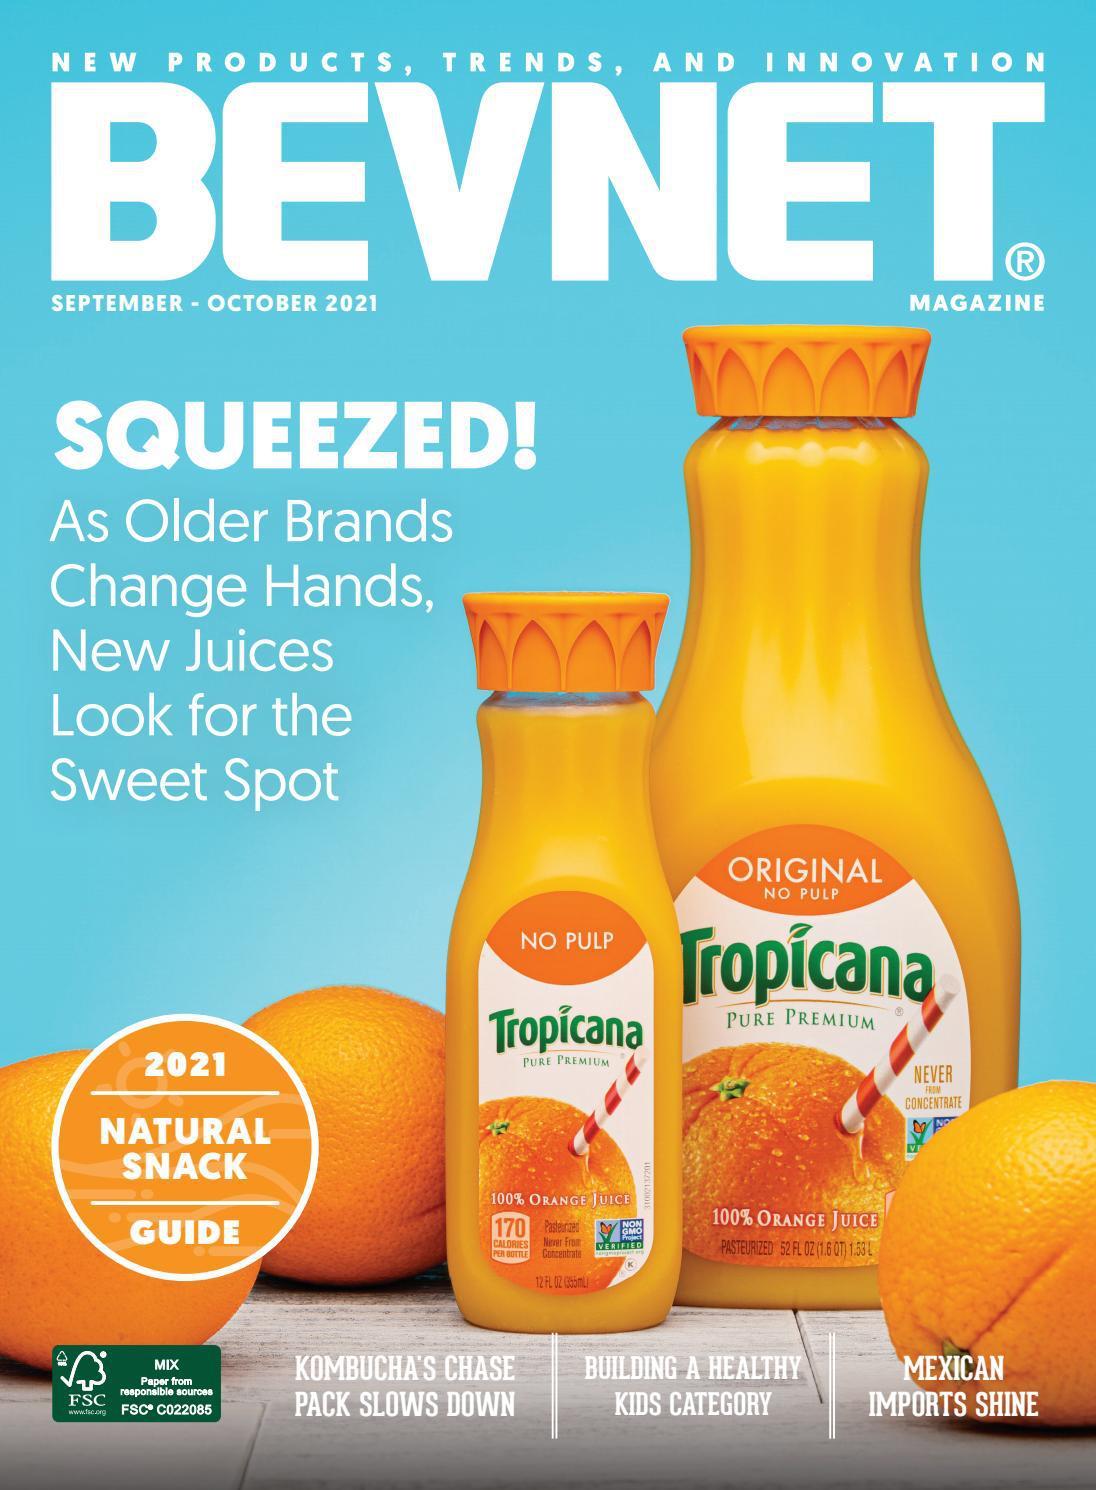 BevNET Magazine September/October 2021